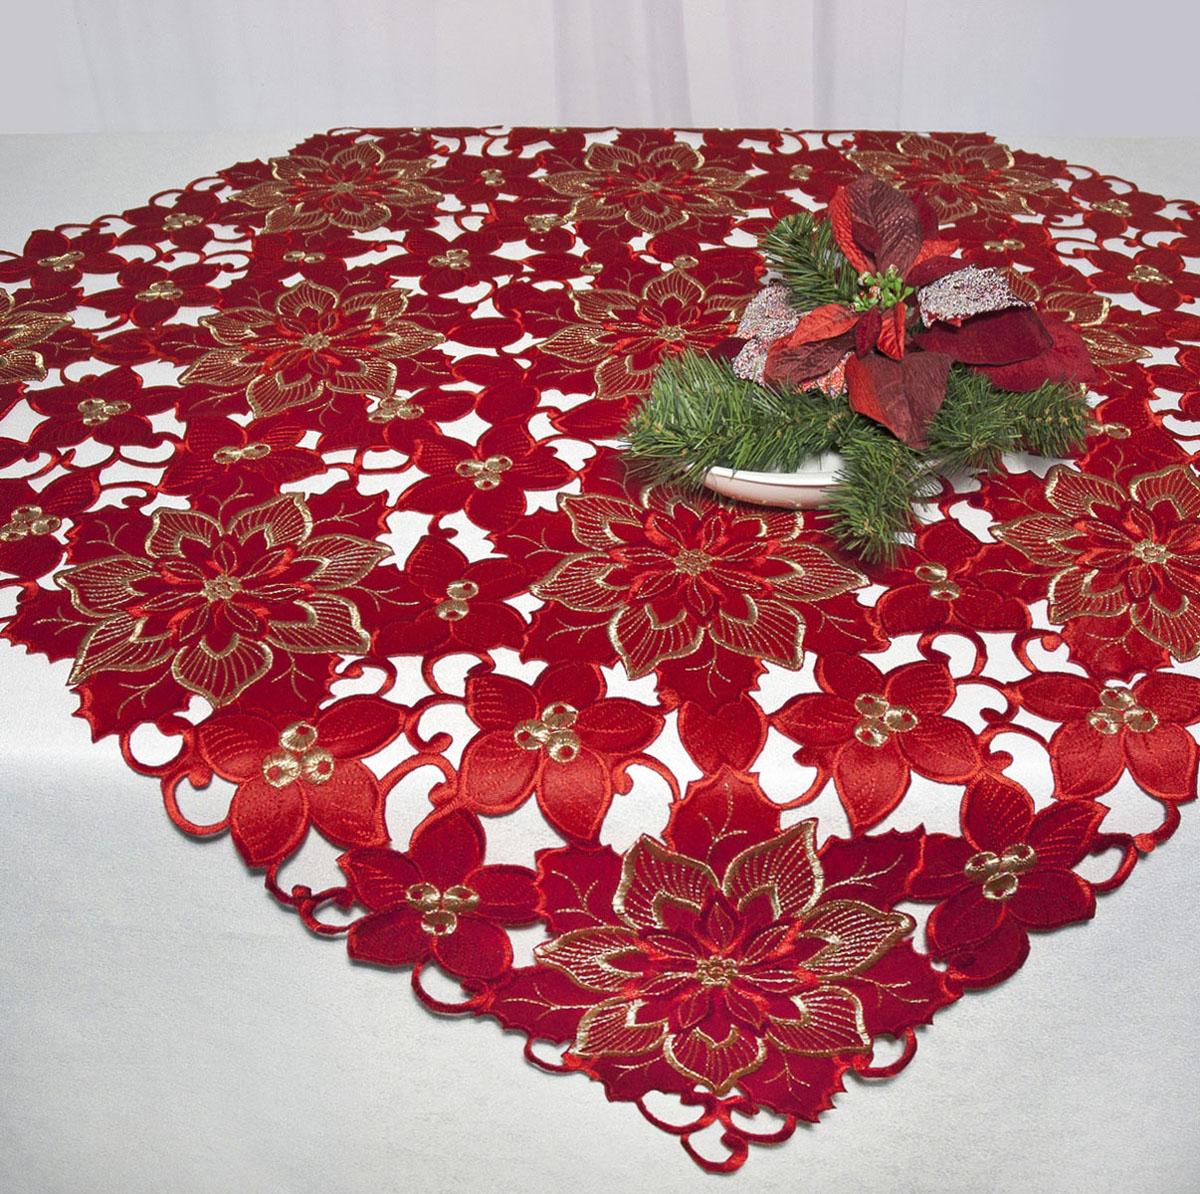 Скатерть Schaefer, квадратная, цвет: красный, 85 x 85 см. 07482-10007482-100Скатерть Schaefer изготовлена из полиэстера и декорирована вышитыми в технике ришелье цветами. Изделия из полиэстера легко стирать: они не мнутся, не садятся и быстро сохнут, они более долговечны, чем изделия из натуральных волокон. Кроме того, ткань обладает водоотталкивающими свойствами. Такая скатерть будет просто не заменима на кухне, а особенно на вашем обеденном столе на даче под открытым небом. Скатерть Schaefer не останется без внимания ваших гостей, а вас будет ежедневно радовать ярким дизайном и несравненным качеством. Немецкая компания Schaefer создана в 1921 году. На протяжении всего времени существования она создает уникальные коллекции домашнего текстиля для гостиных, спален, кухонь и ванных комнат. Дизайнерские идеи немецких художников компании Schaefer воплощаются в текстильных изделиях, которые сделают ваш дом красивее и уютнее и не останутся незамеченными вашими гостями. Дарите себе и близким красоту каждый...